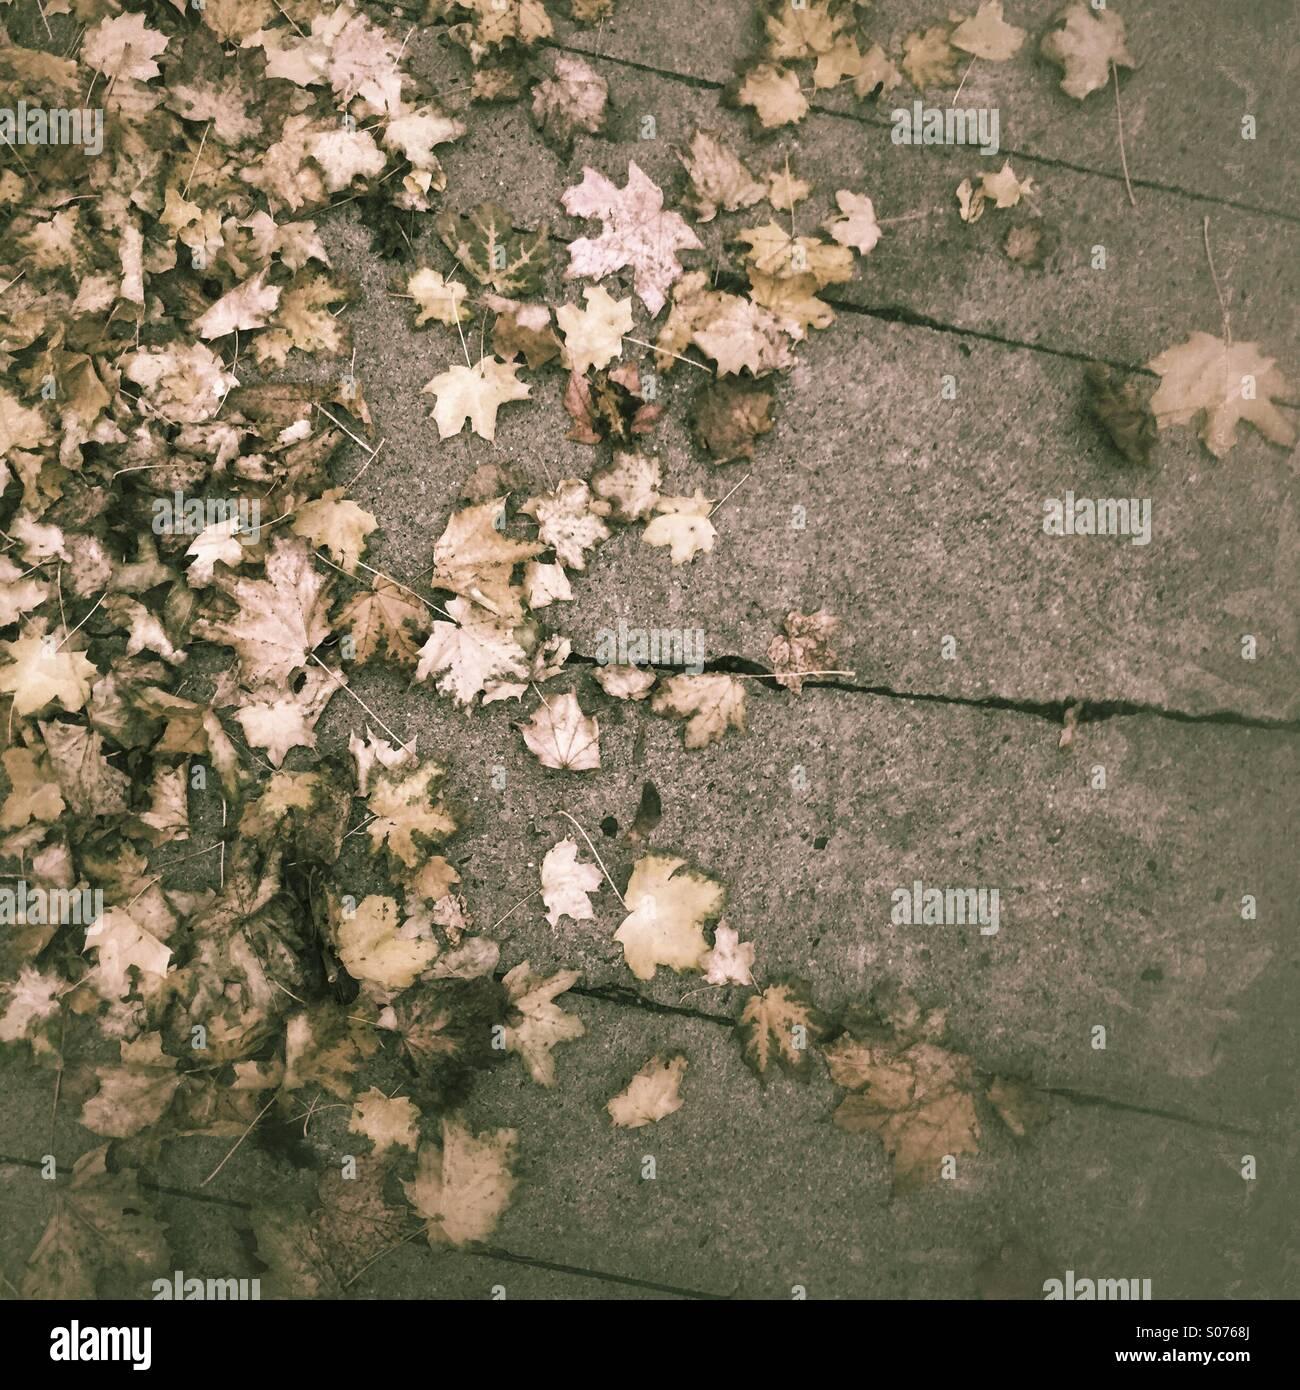 Las hojas del árbol se caen al suelo, Otoño Imagen De Stock